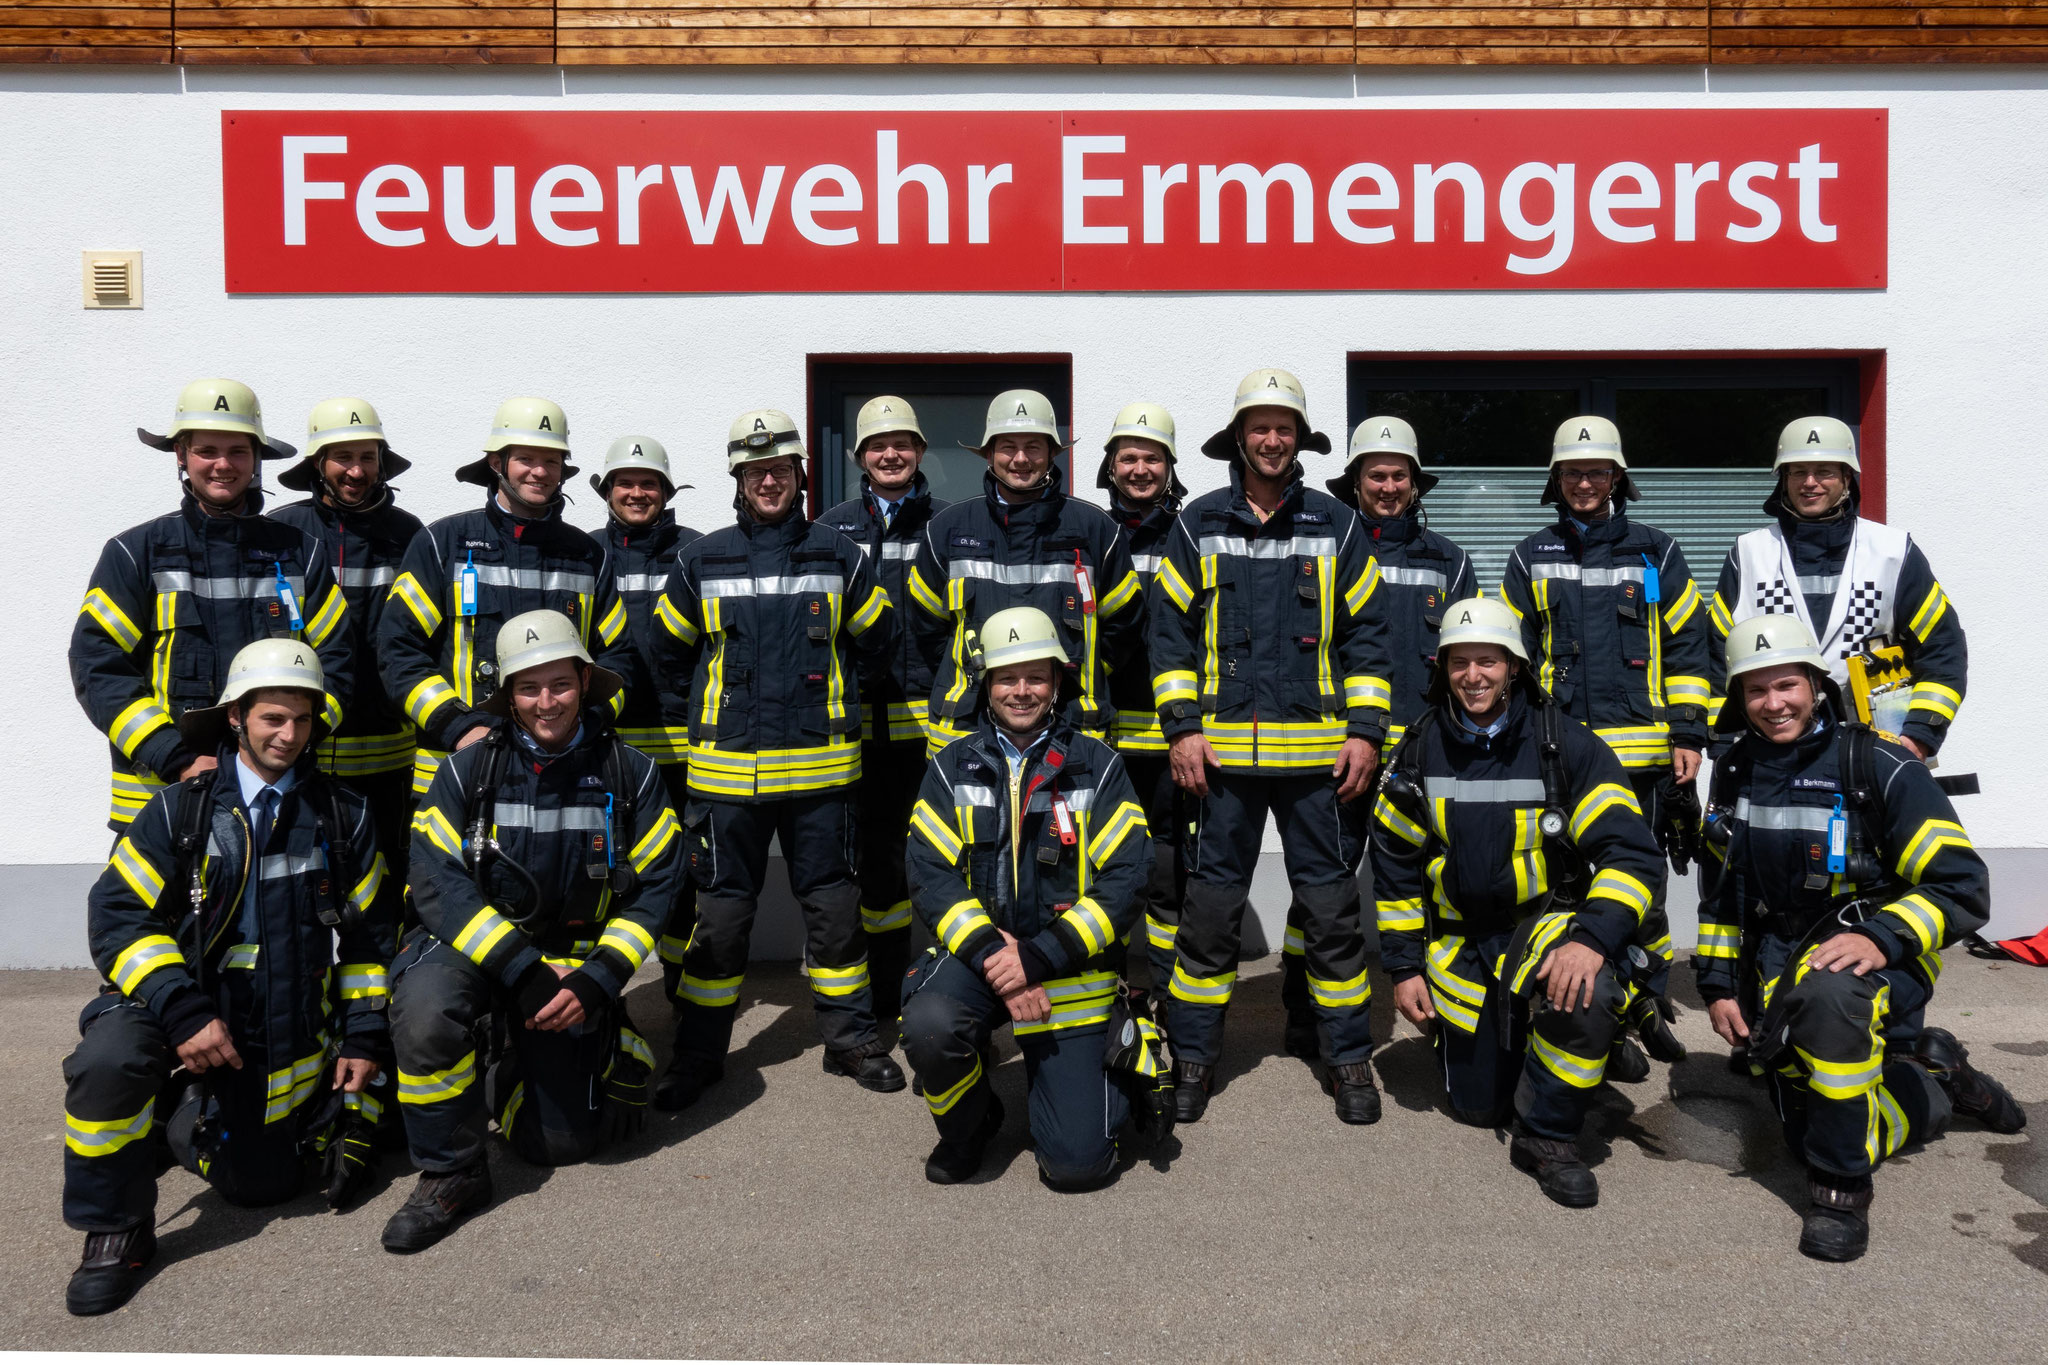 Freiwillige Feuerwehr Ermengerst - Atemschutzgeräteträge